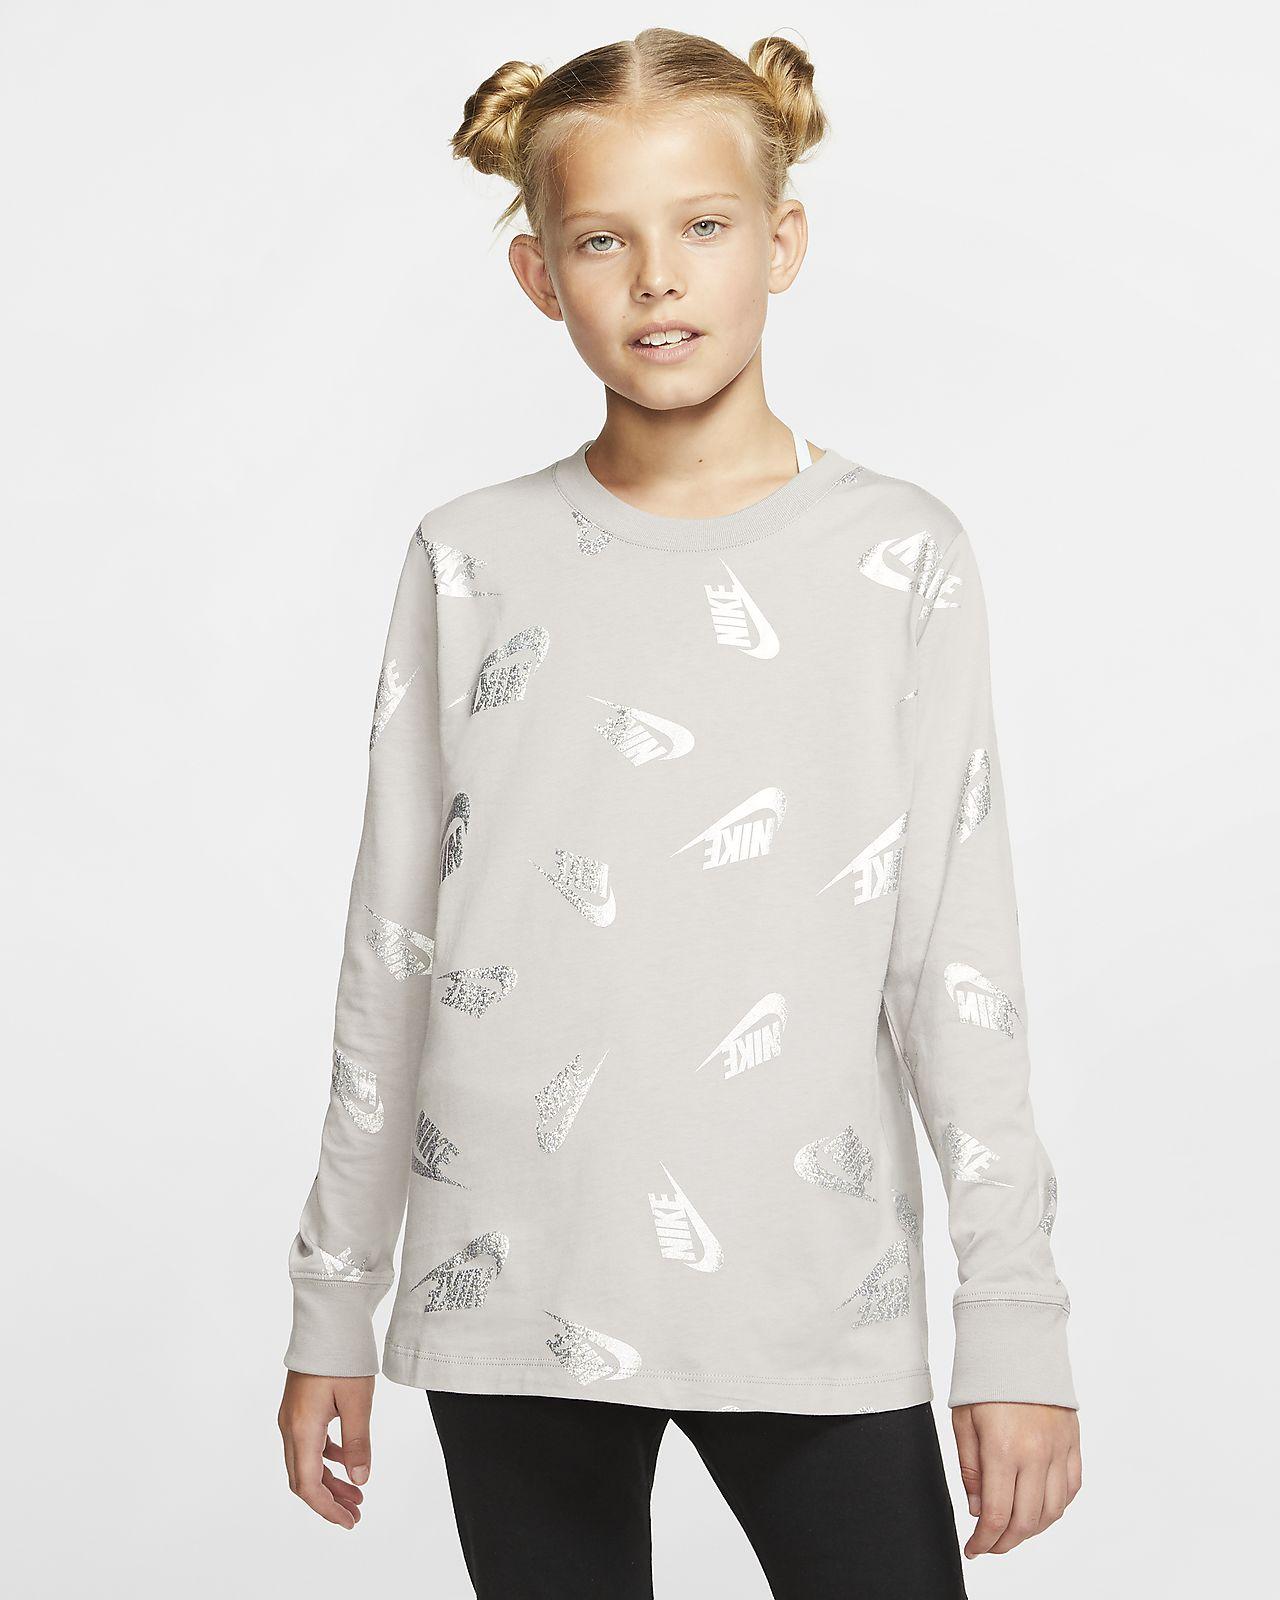 Tee-shirt à manches longues Nike Sportswear pour Enfant plus âgé